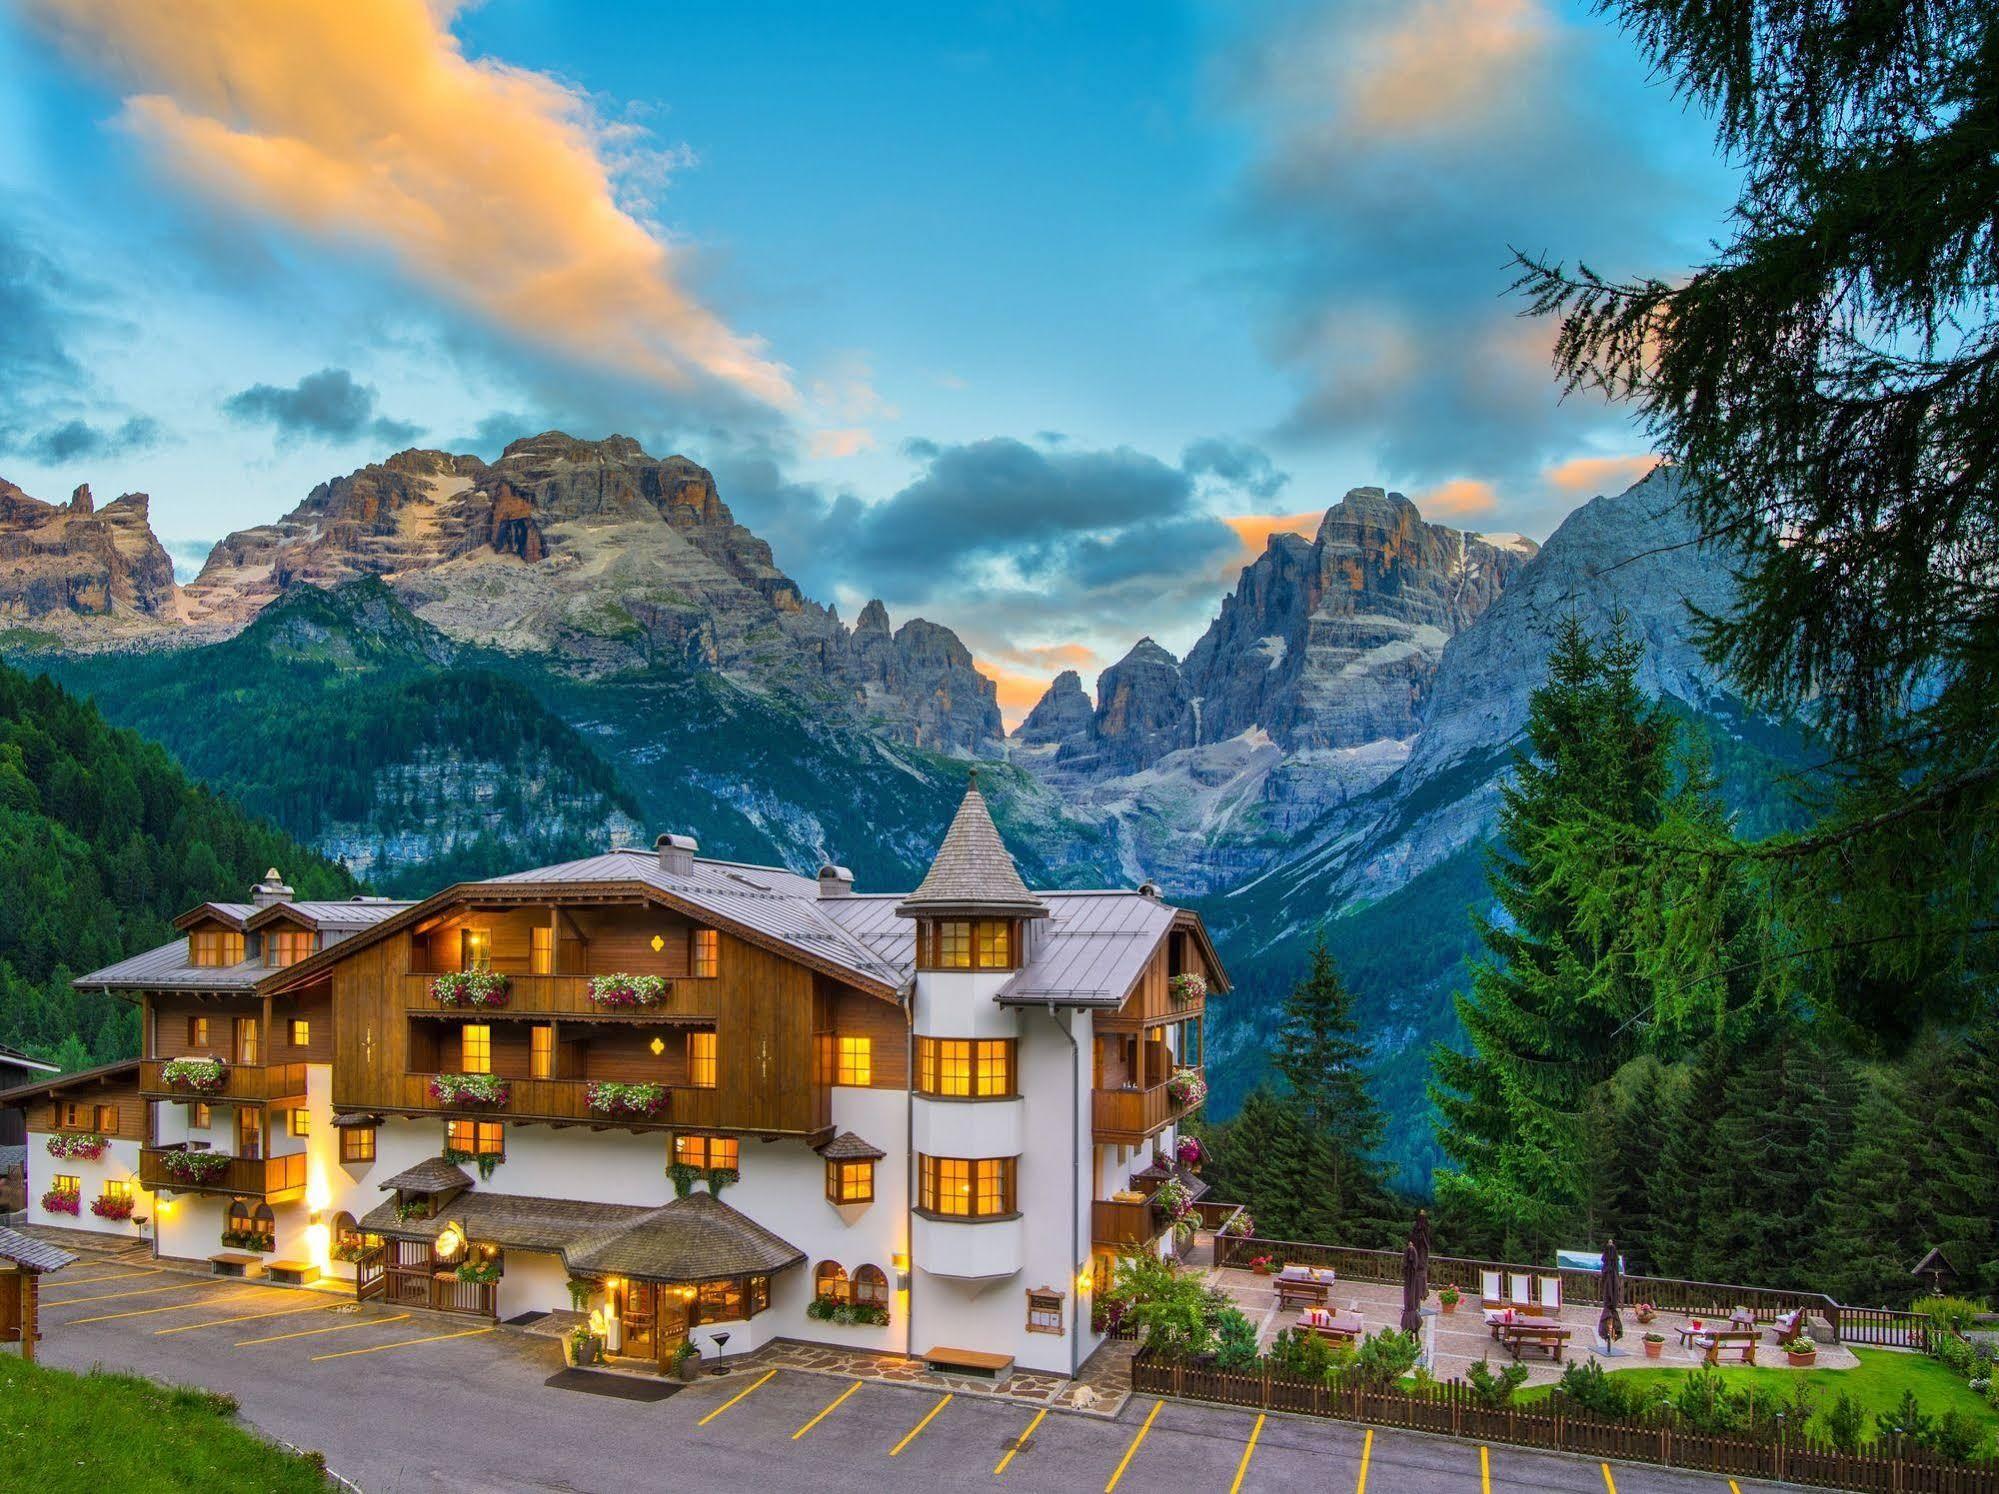 Bio Hotel Hermitage, Madonna Di Campiglio Image 0